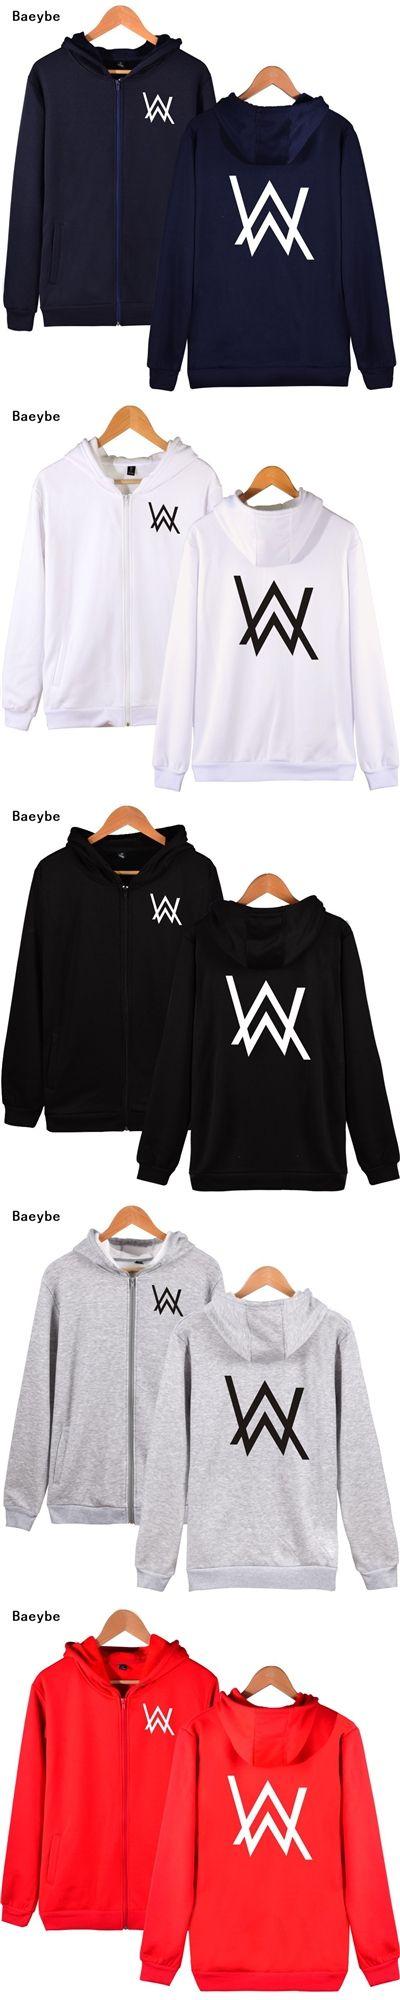 Alan Walker DJ fleece hoodies sweatshirt zipper hip hop men women letter tracksuits jacket coat